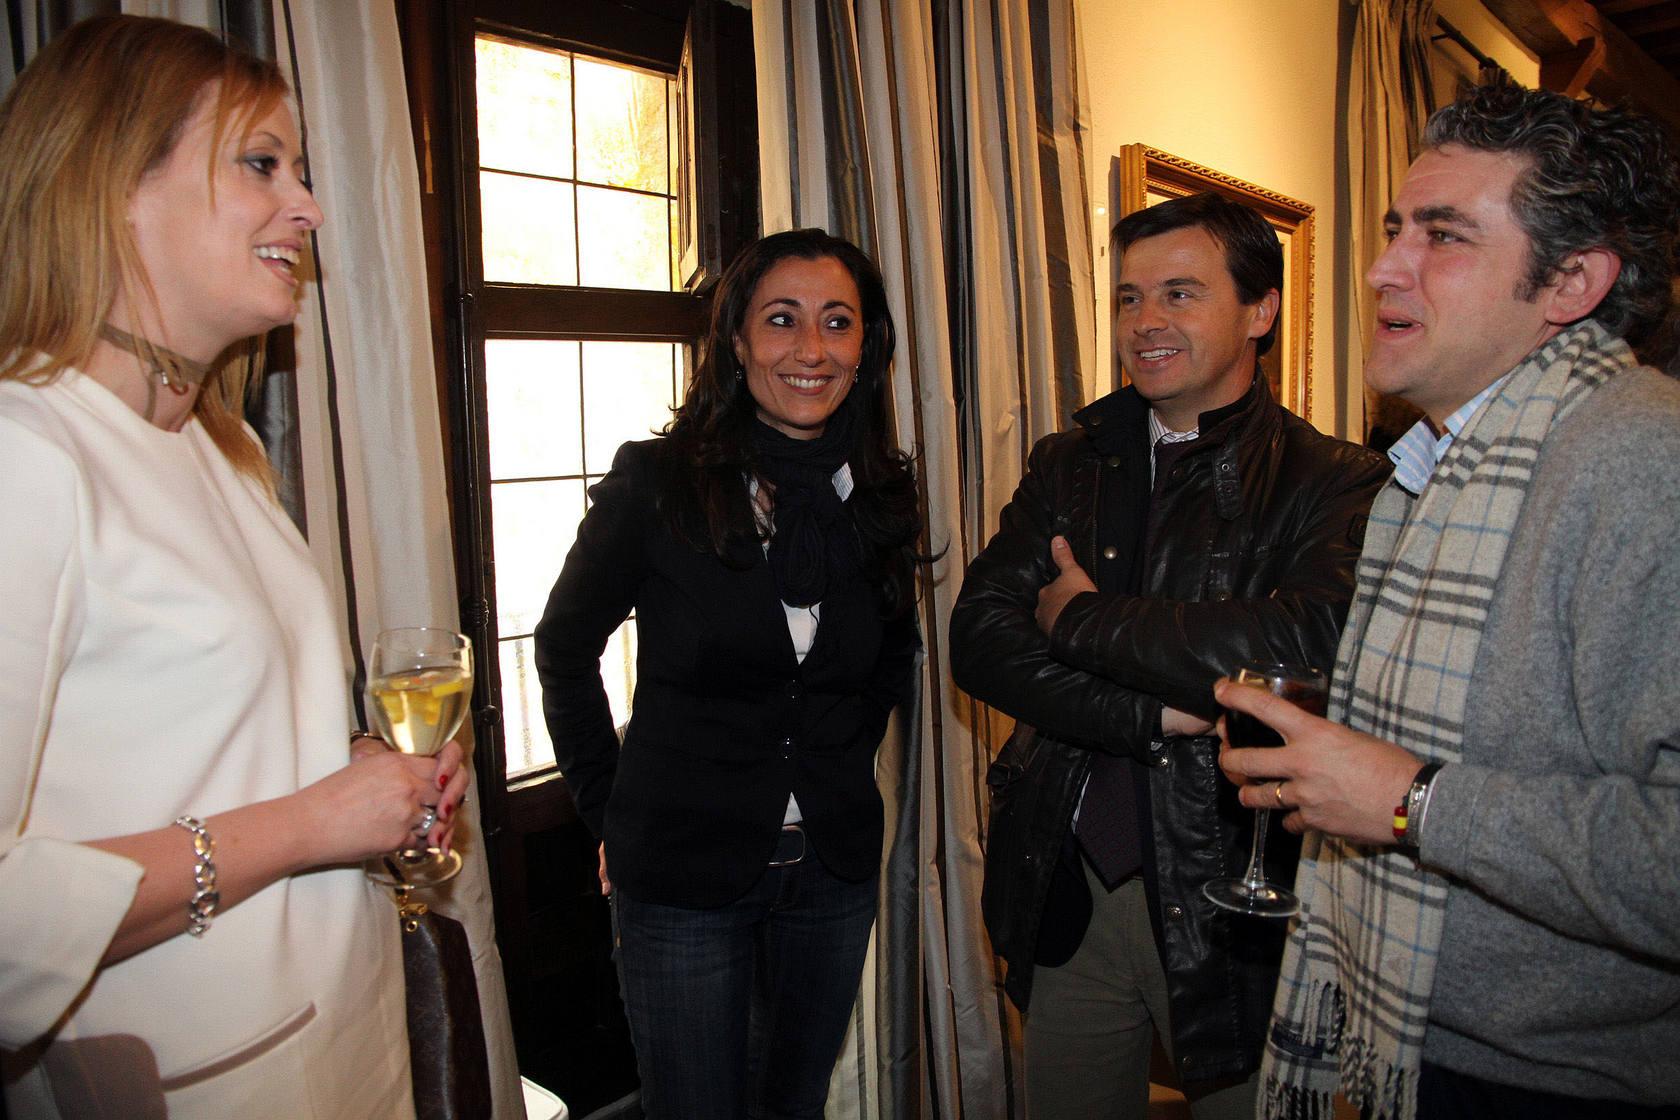 Vino de Navidad ofrecido por el PP a los medios de comunicación en Segovia